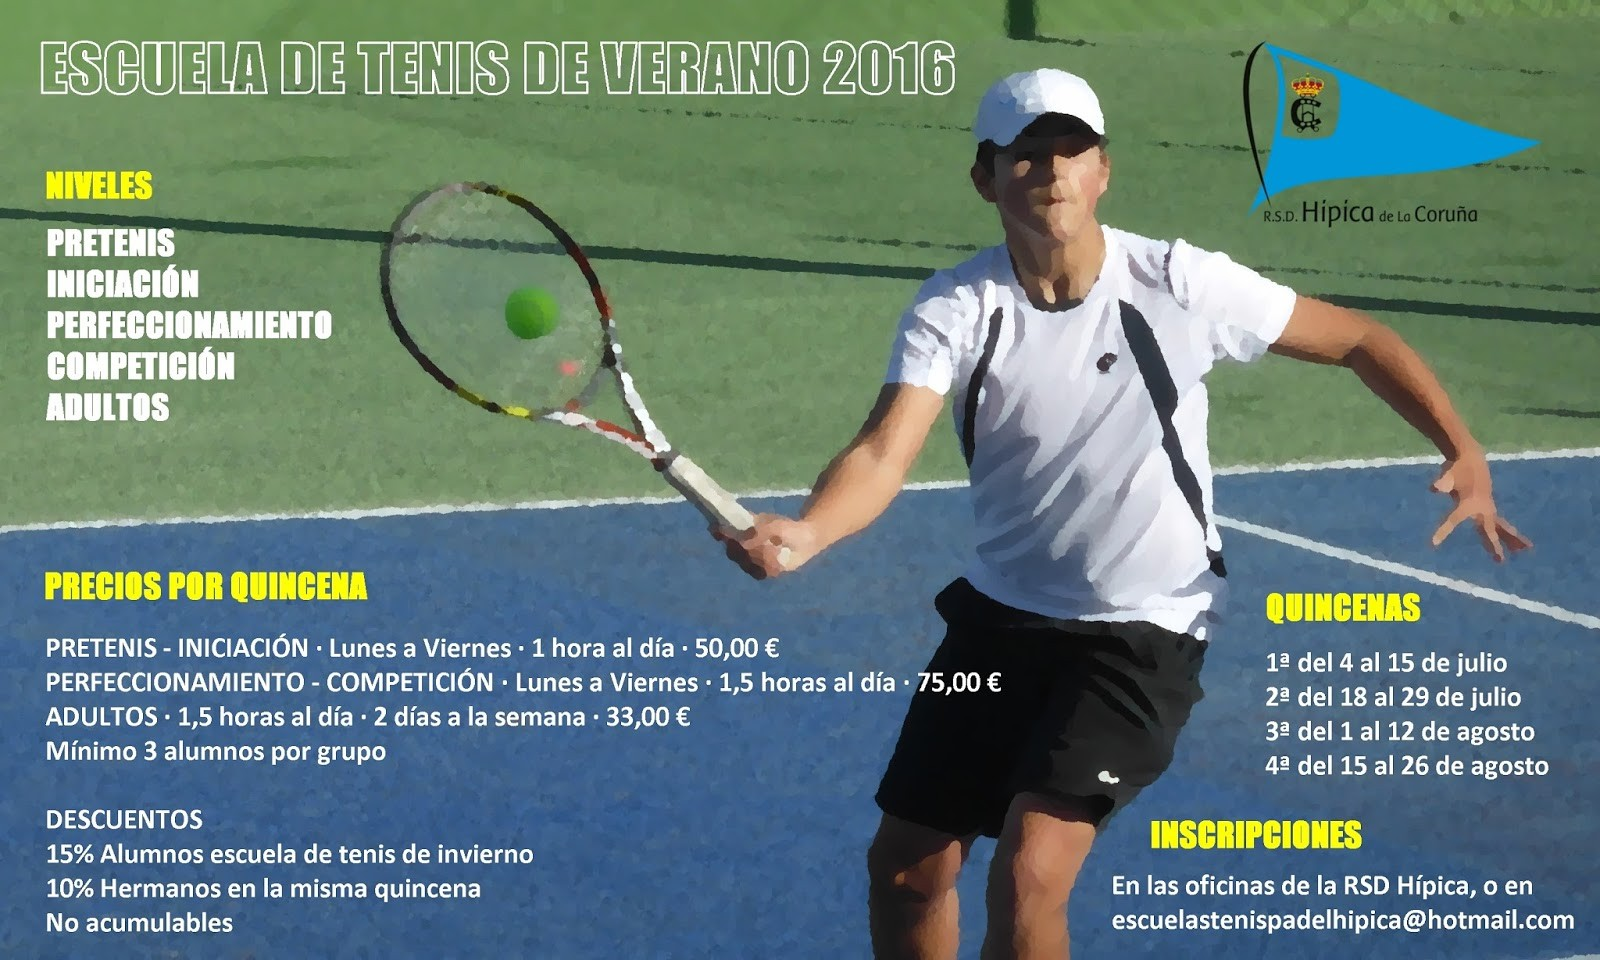 Escuela de tenis de verano 2016